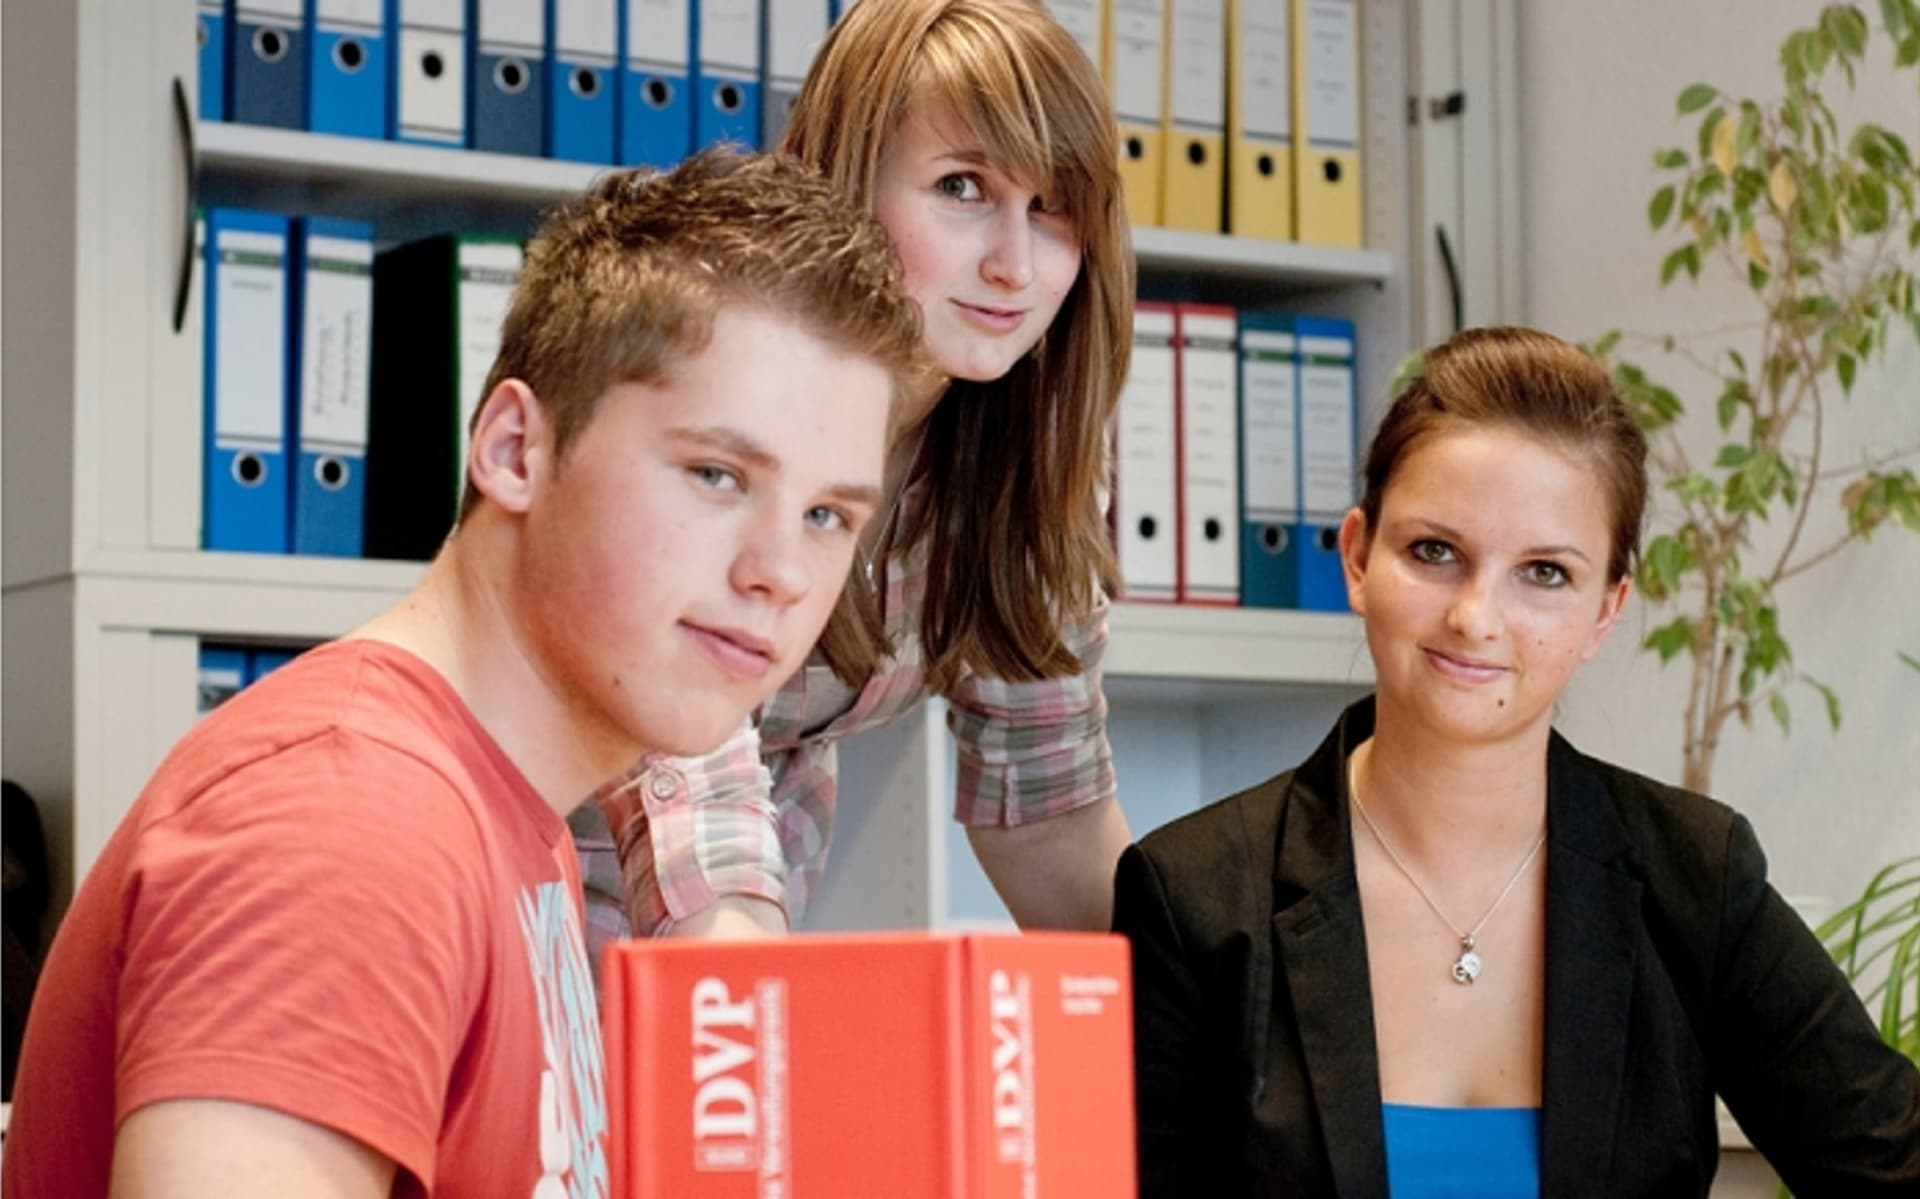 Standort Nds. Landesamt für Soziales, Jugend und Familie Land Niedersachsen